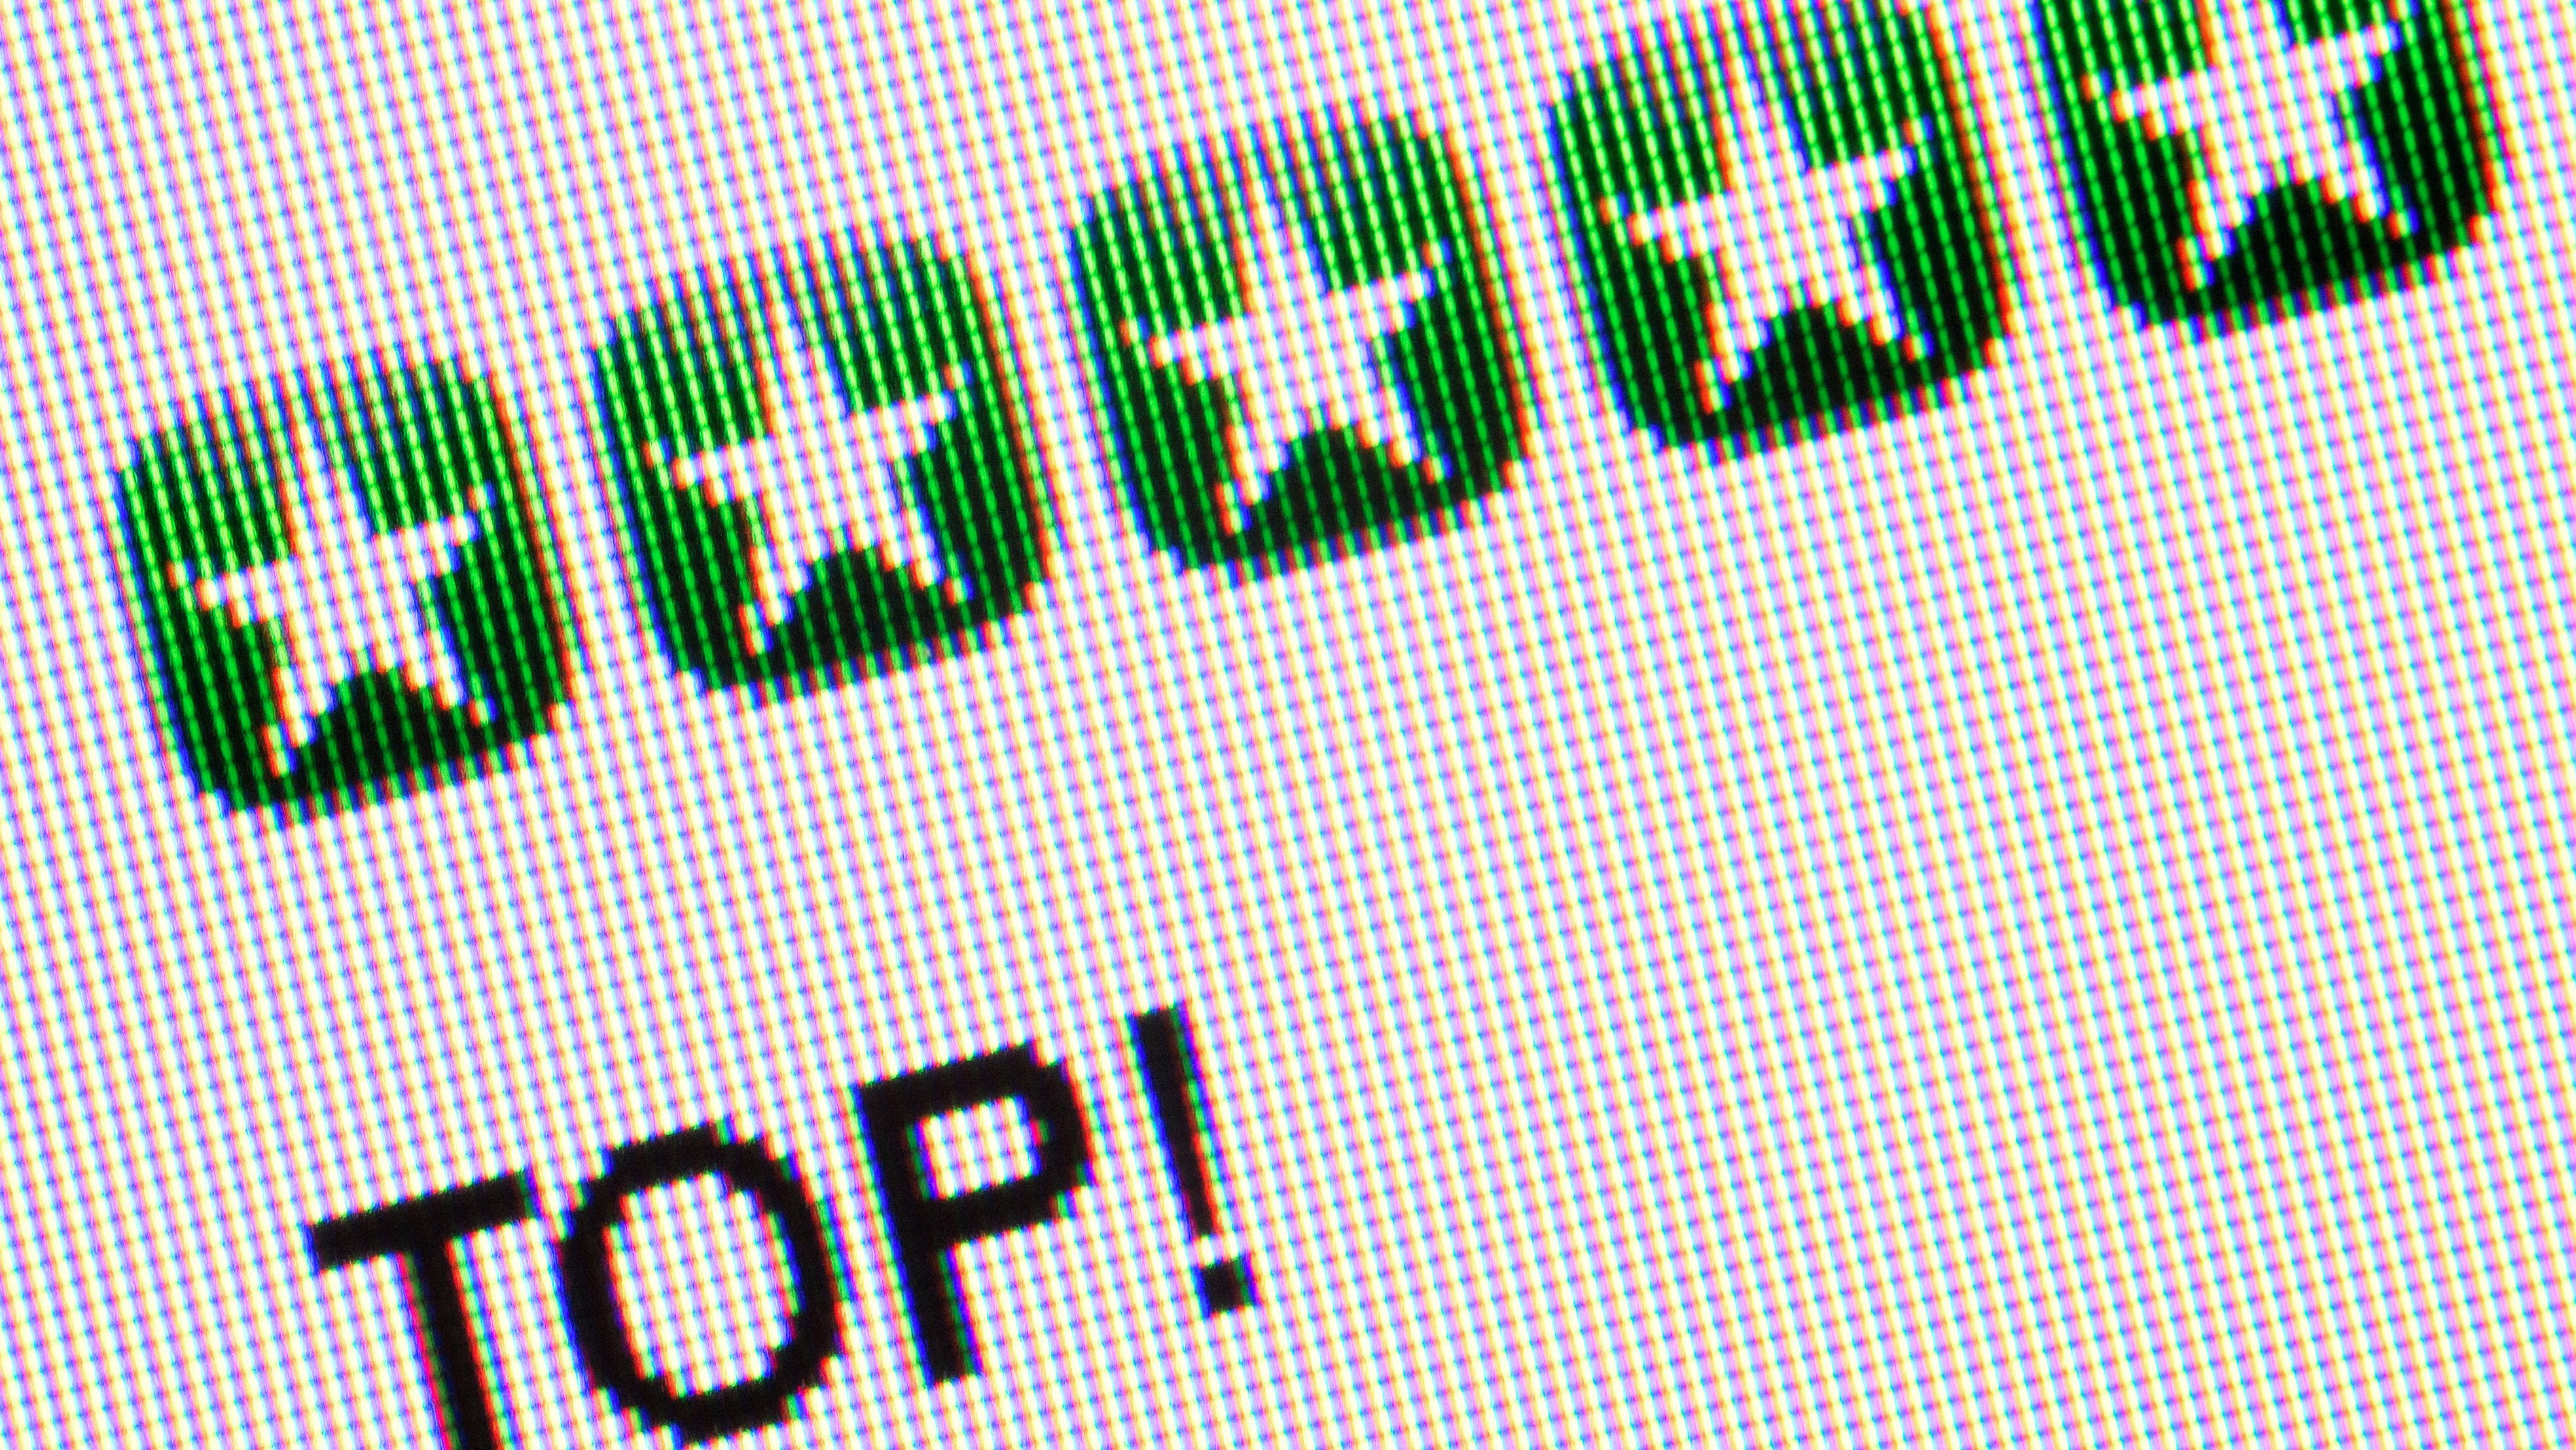 Viele Bewertungen im Internet sind gefälscht.